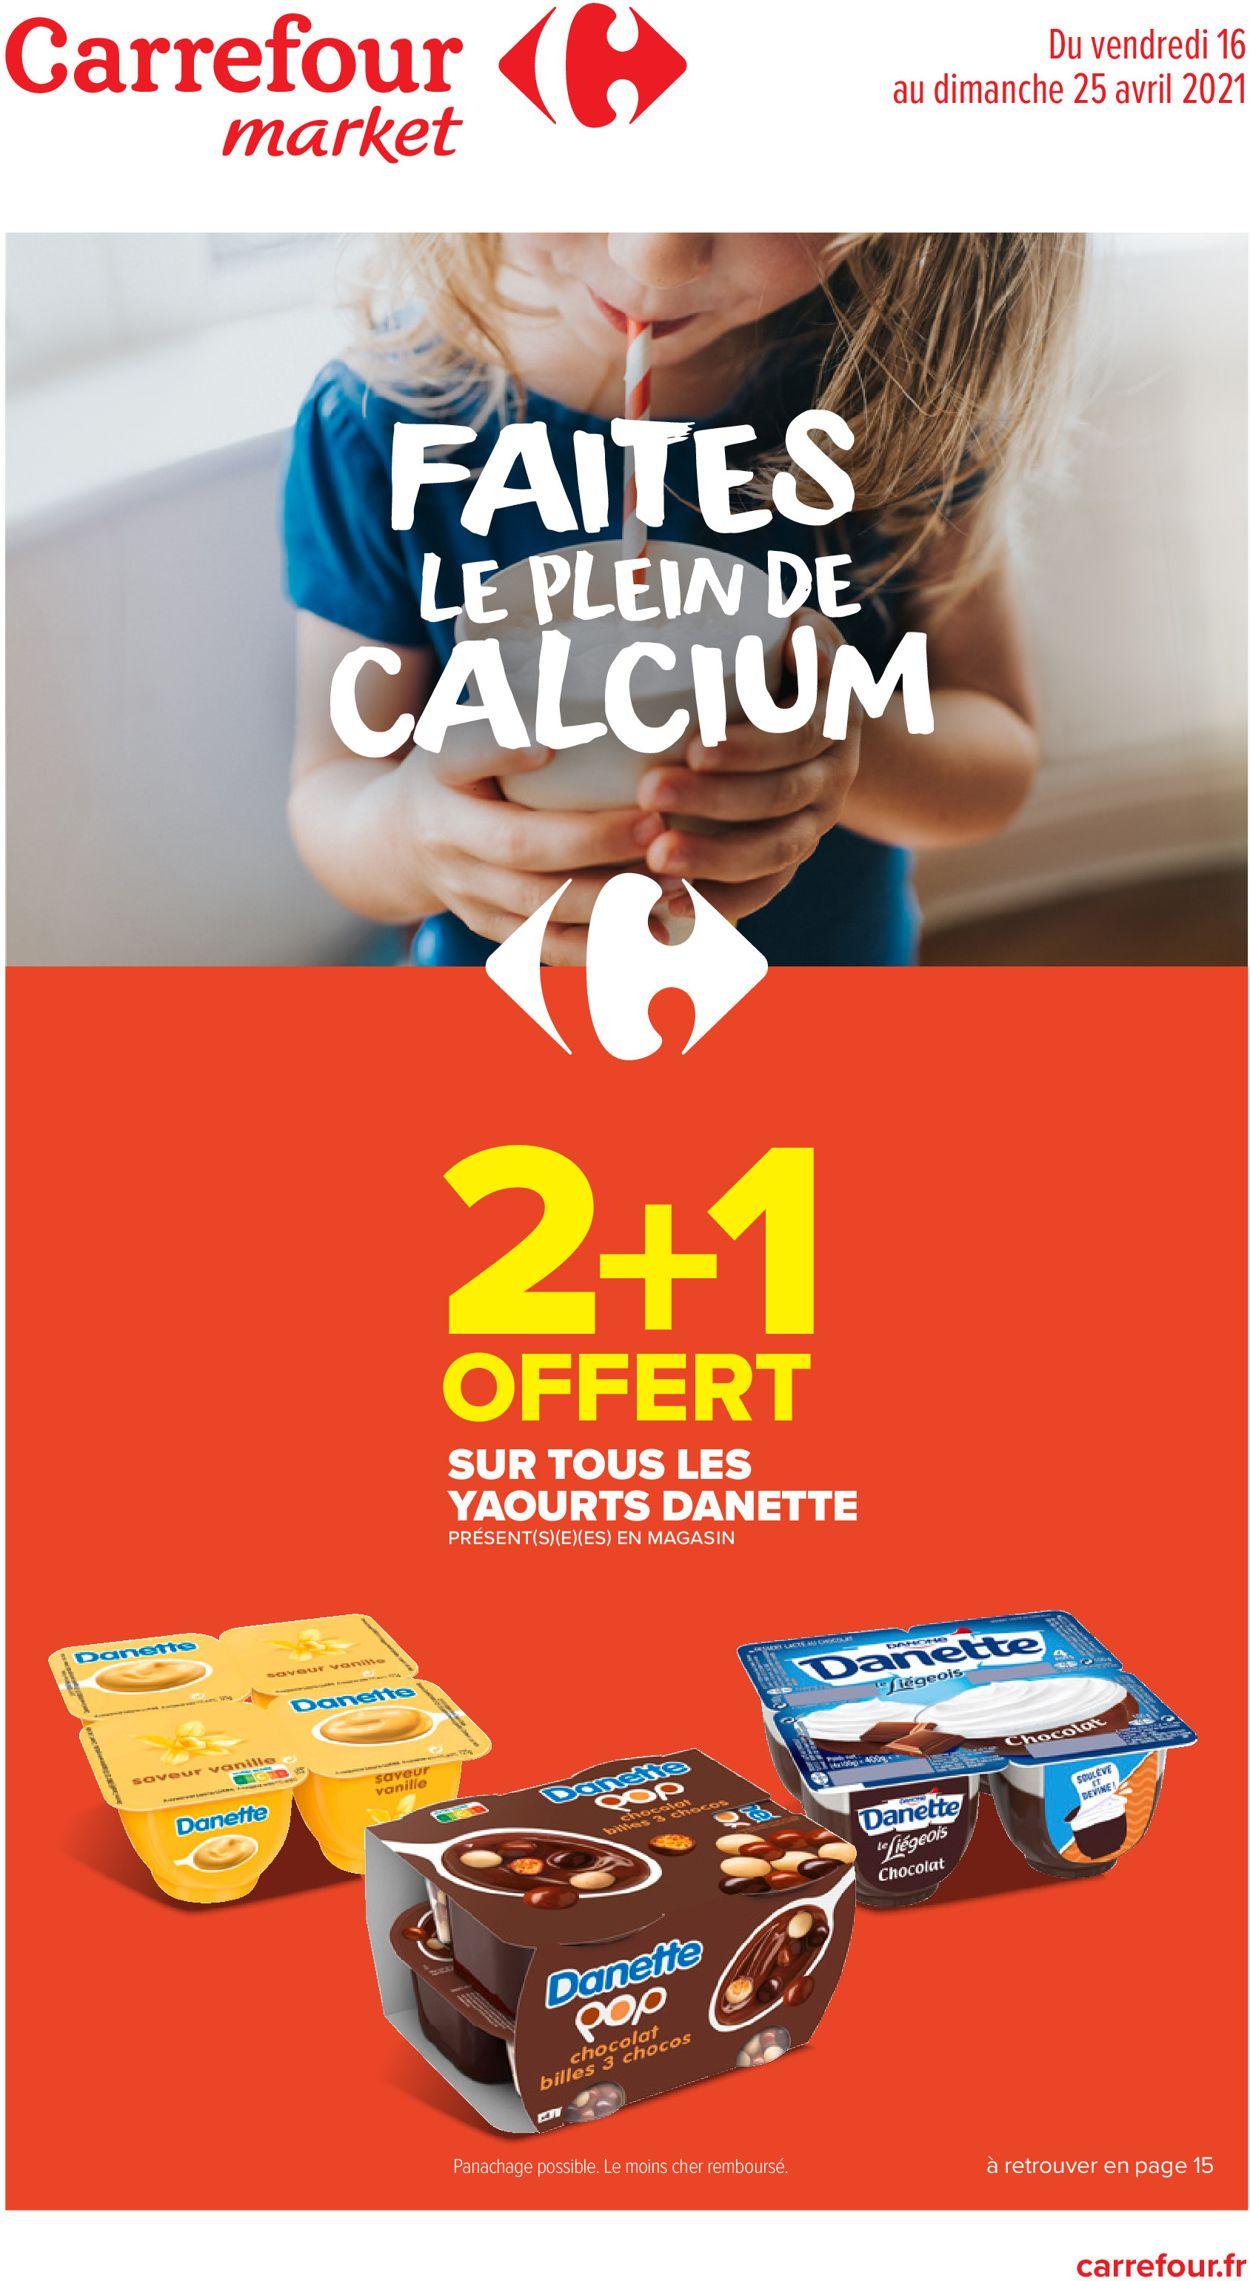 Carrefour Catalogue - 16.04-25.04.2021